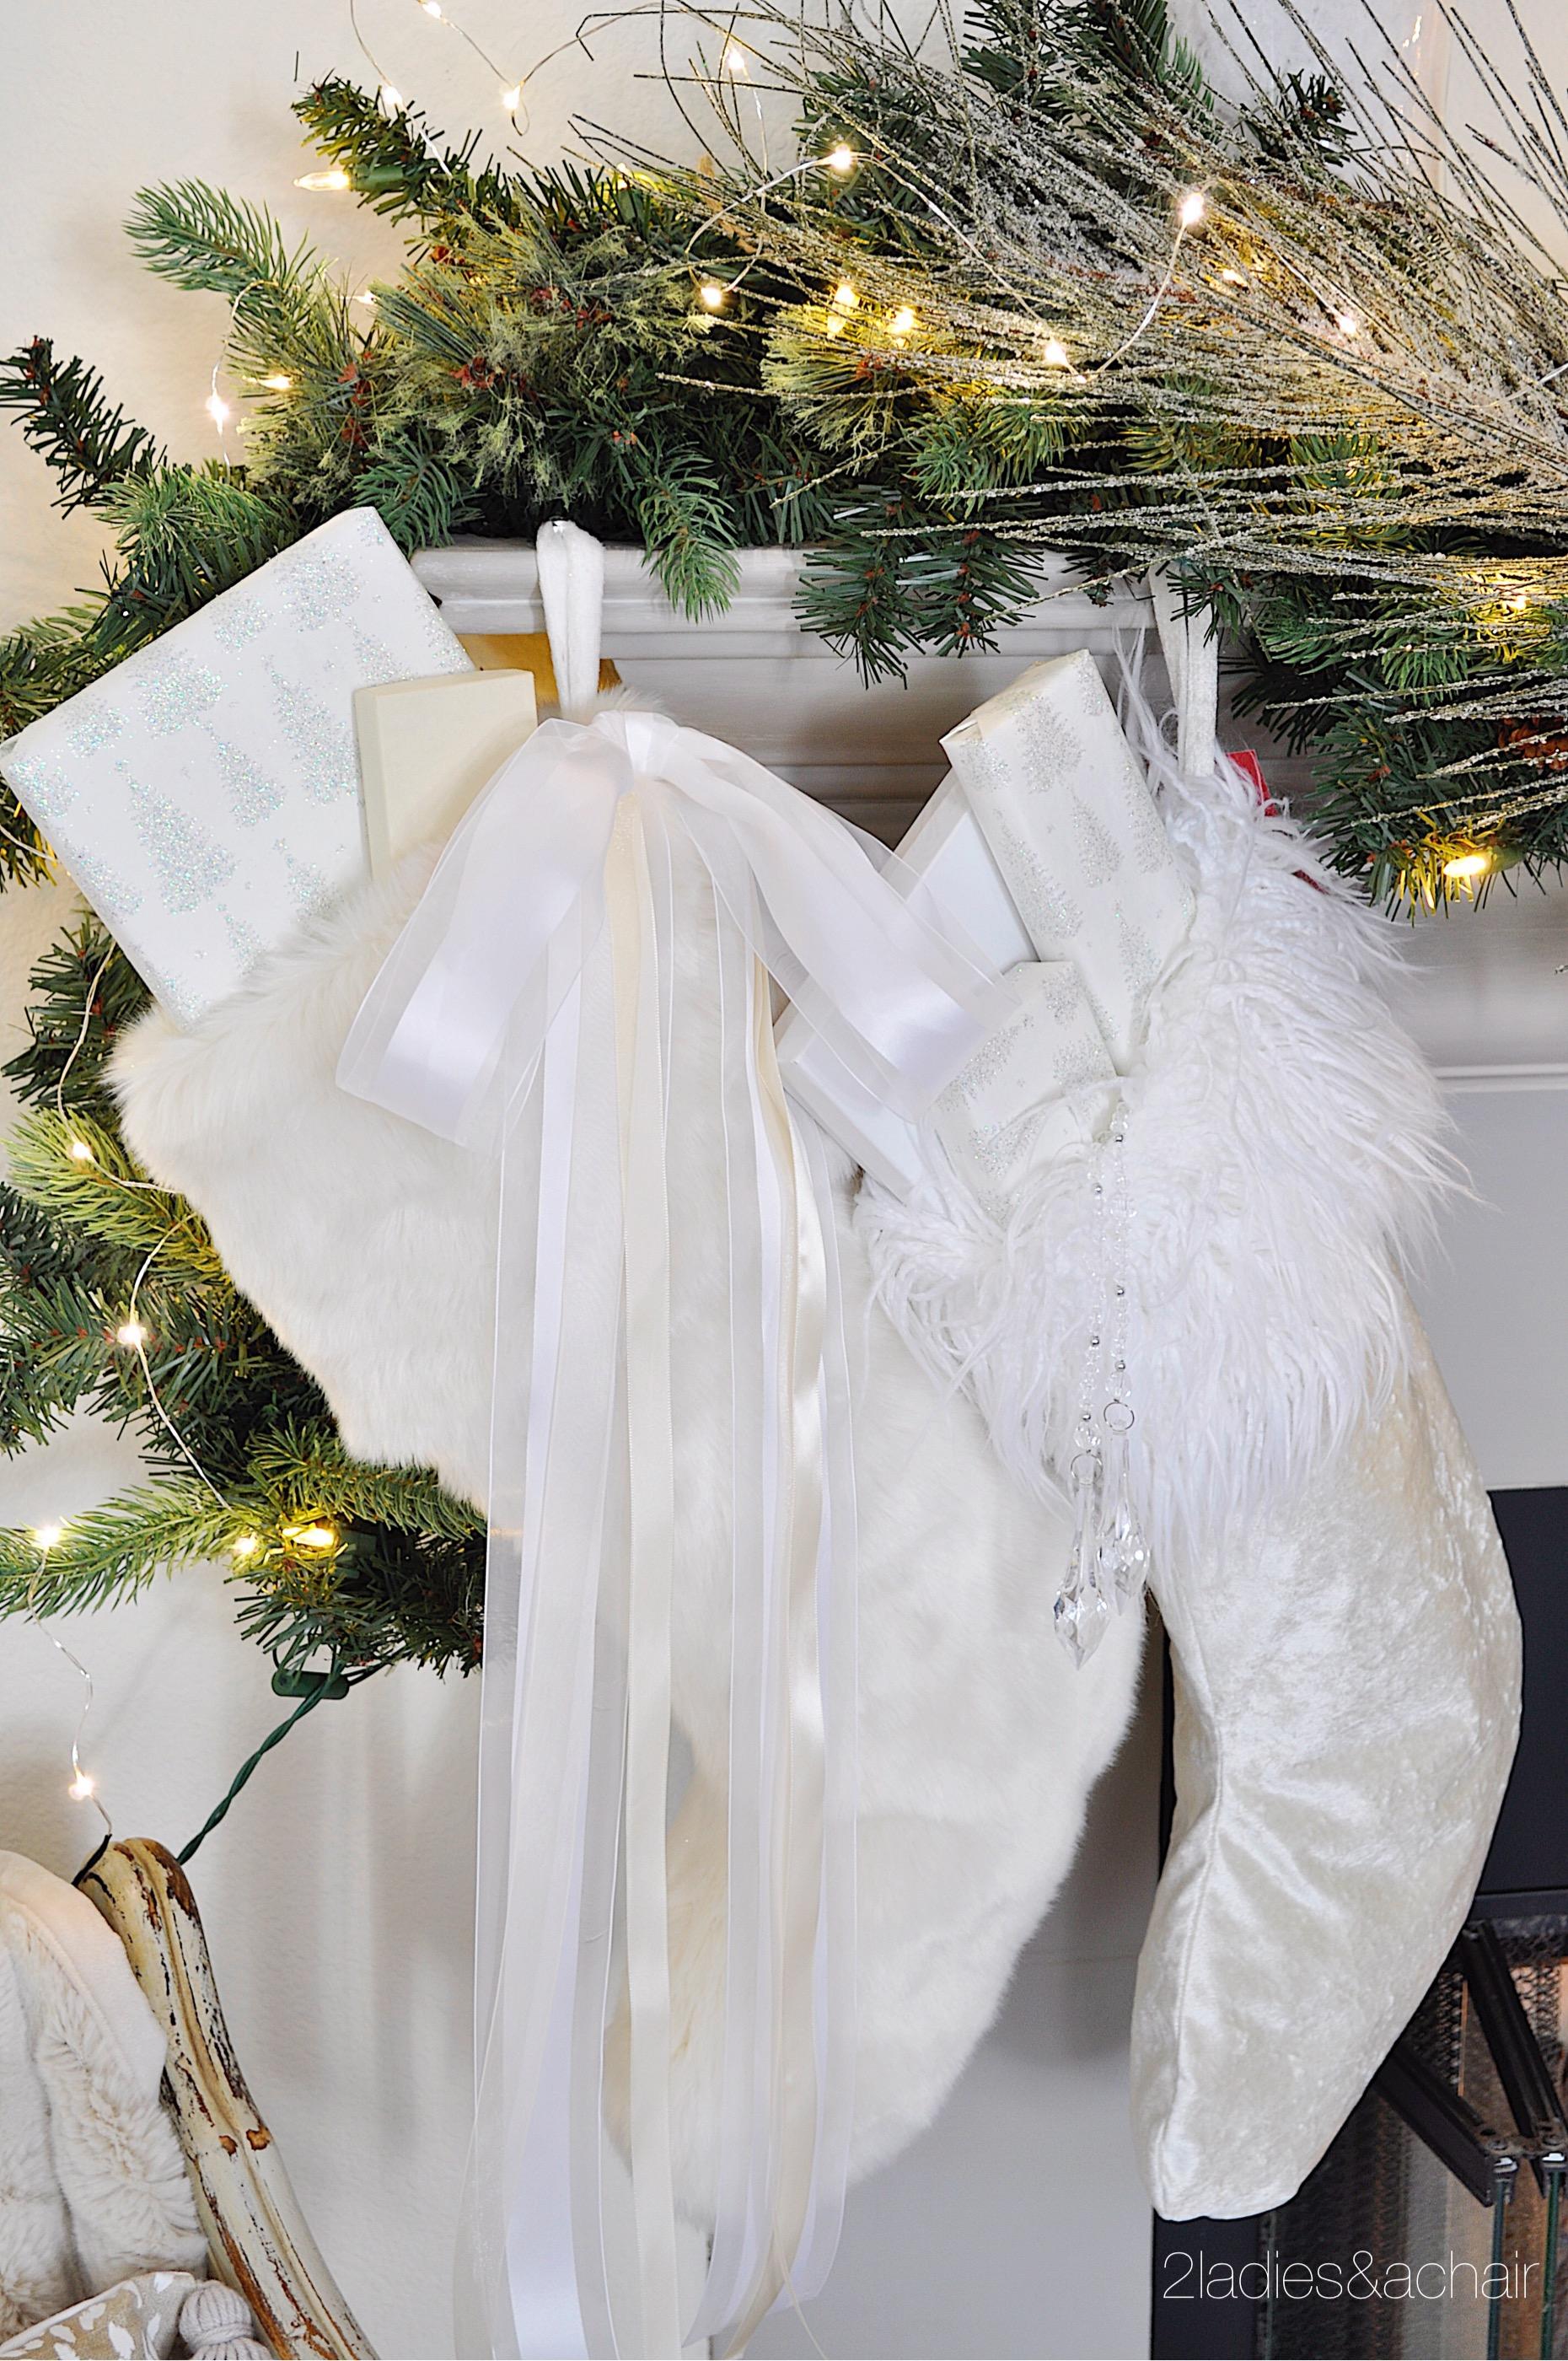 christmas home decorating IMG_8630.JPG